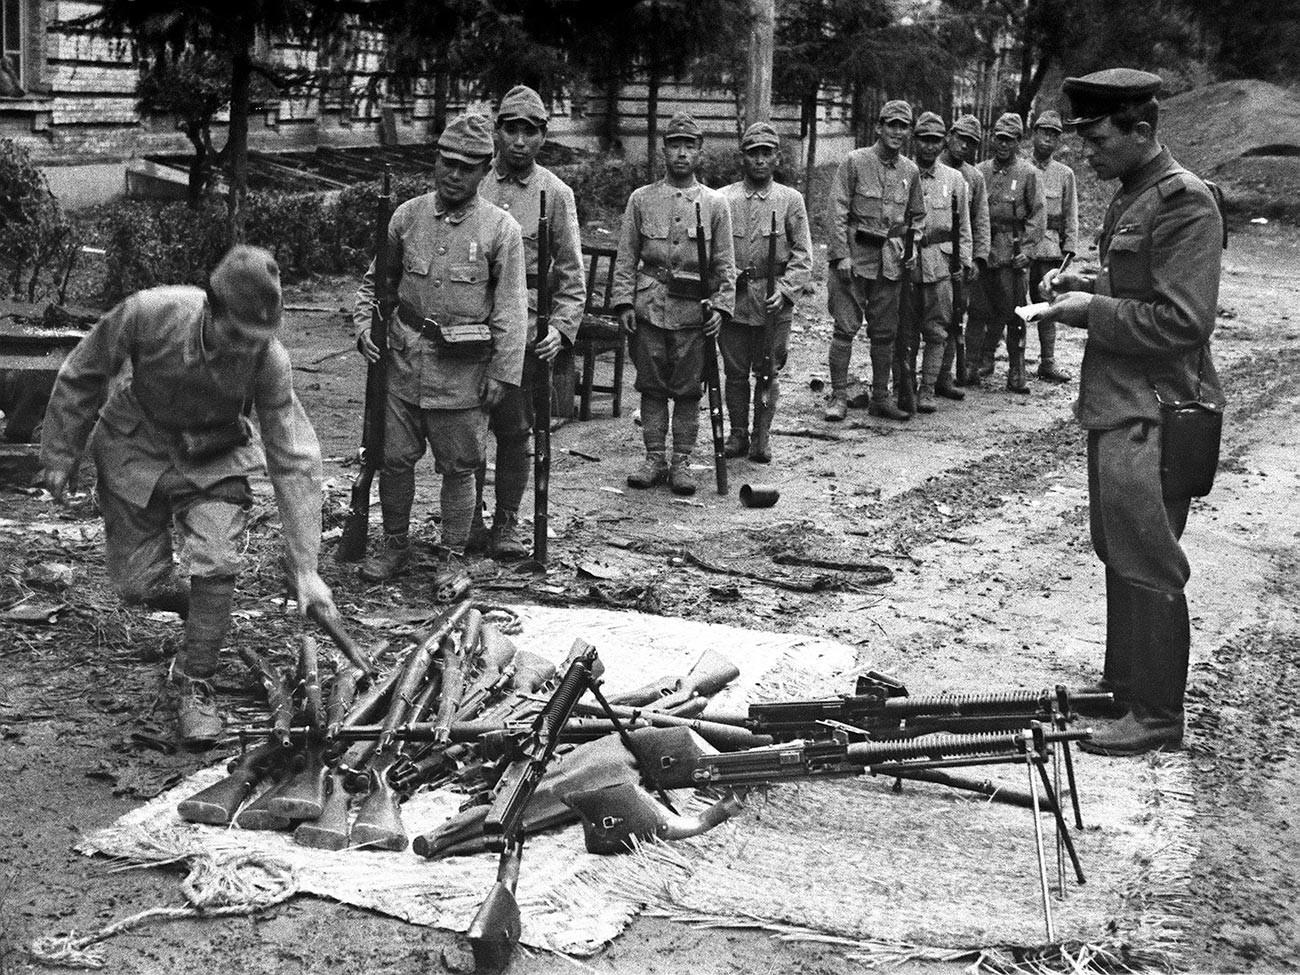 Други светски рат 1939-1945, август 1945 года. Совјетска инвазија Манџурије 9.08. до 2.09.1945 года. Капитулација Квантунске армије.